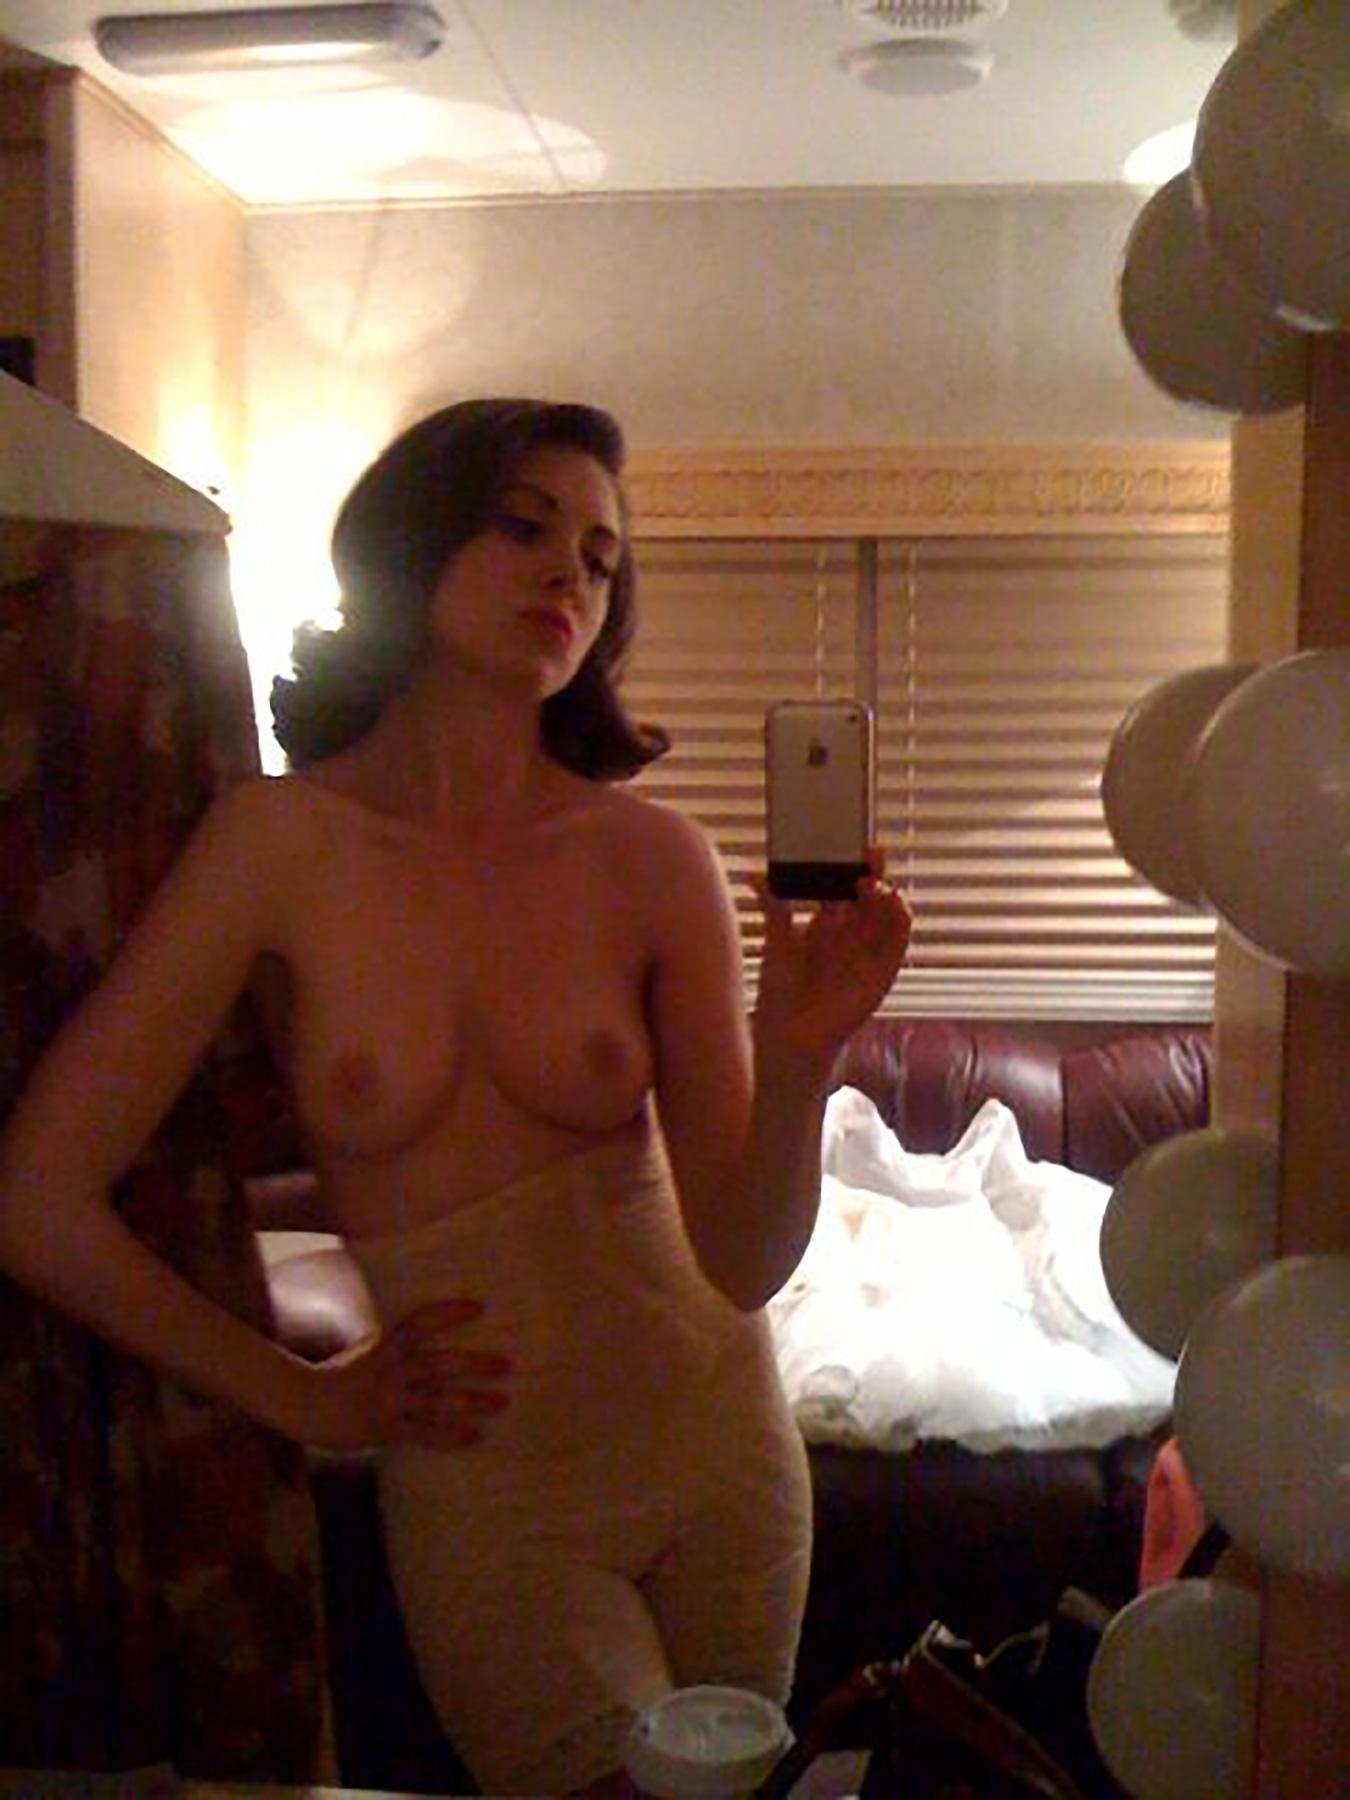 03-Alison-Brie-nude-Leaked.jpg